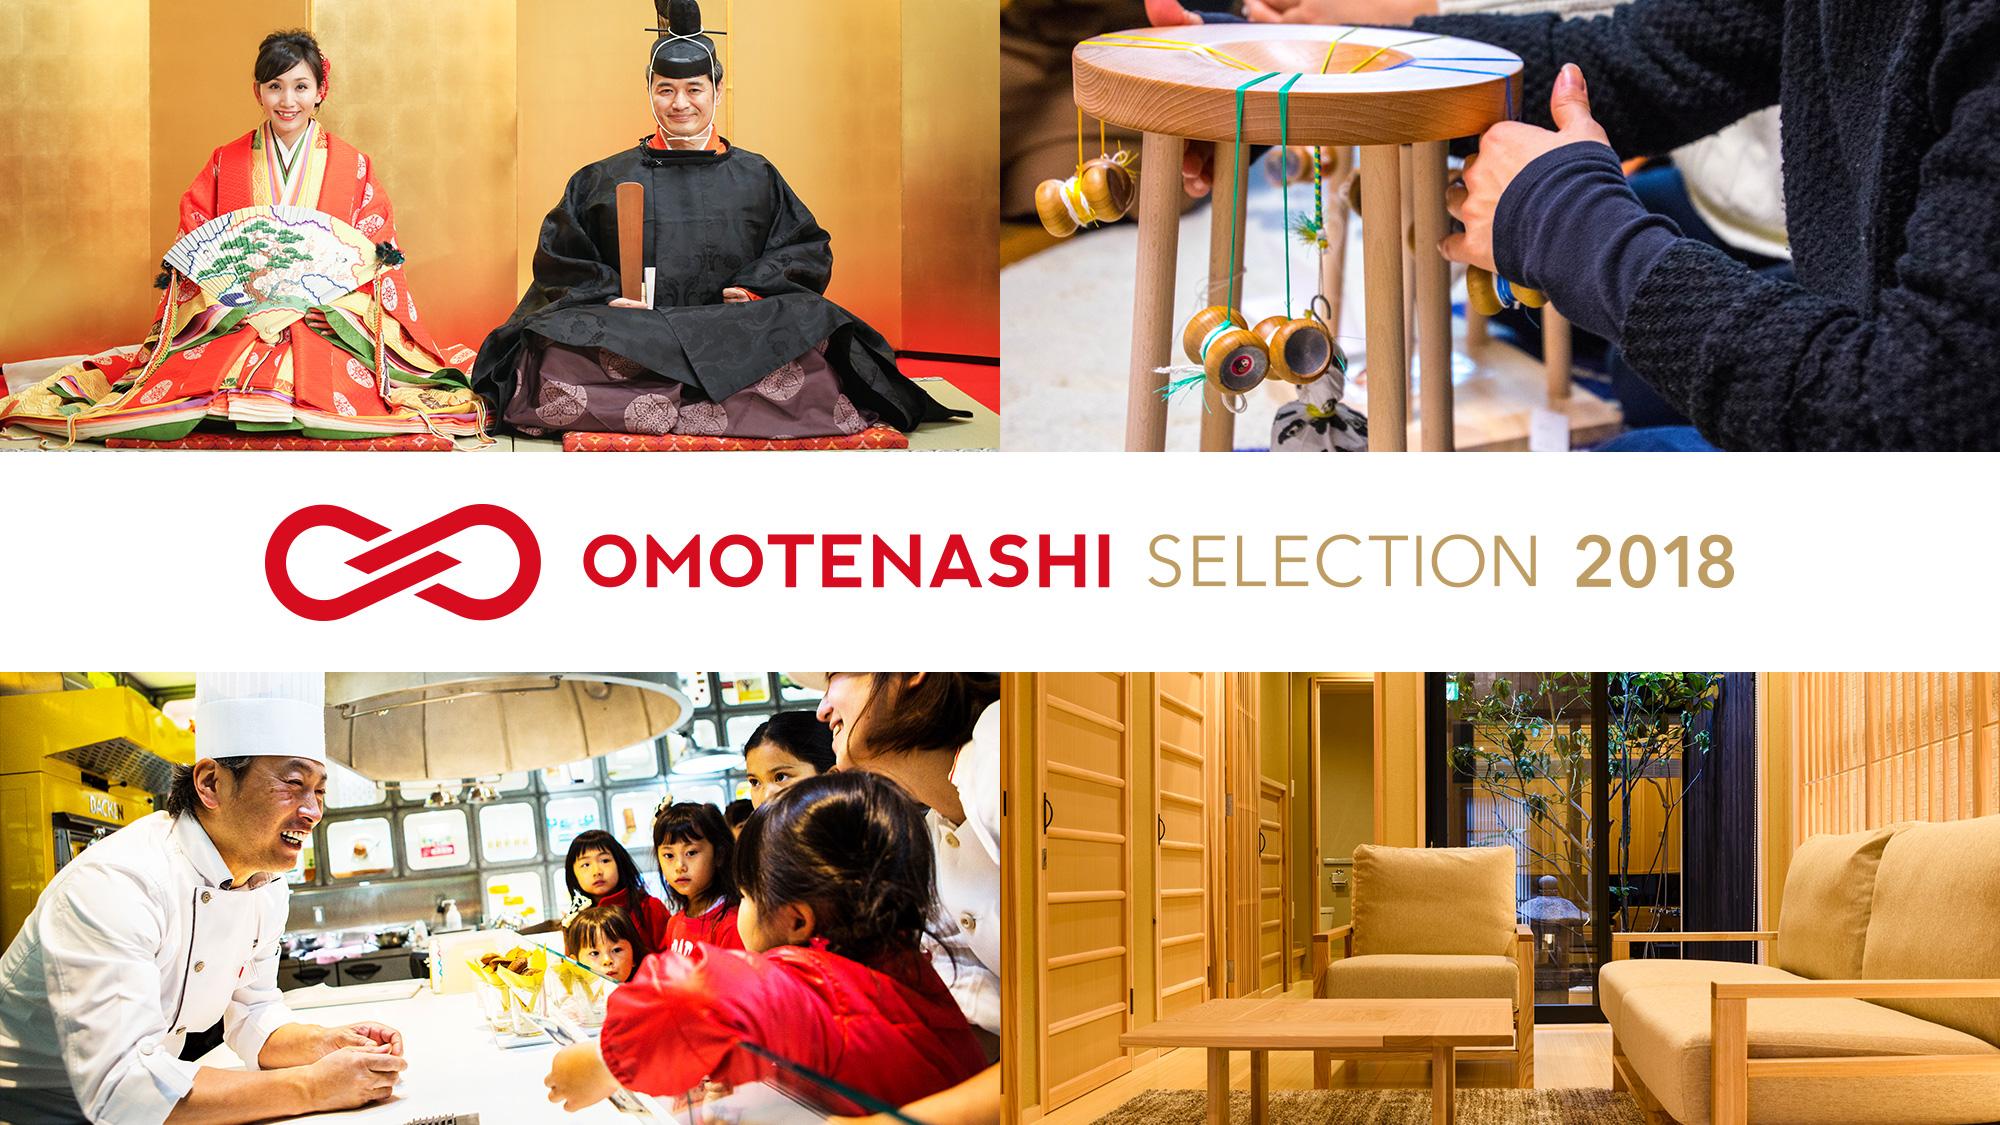 「OMOTENASHI Selection 2018」体験・サービス部門の受賞商品発表!!